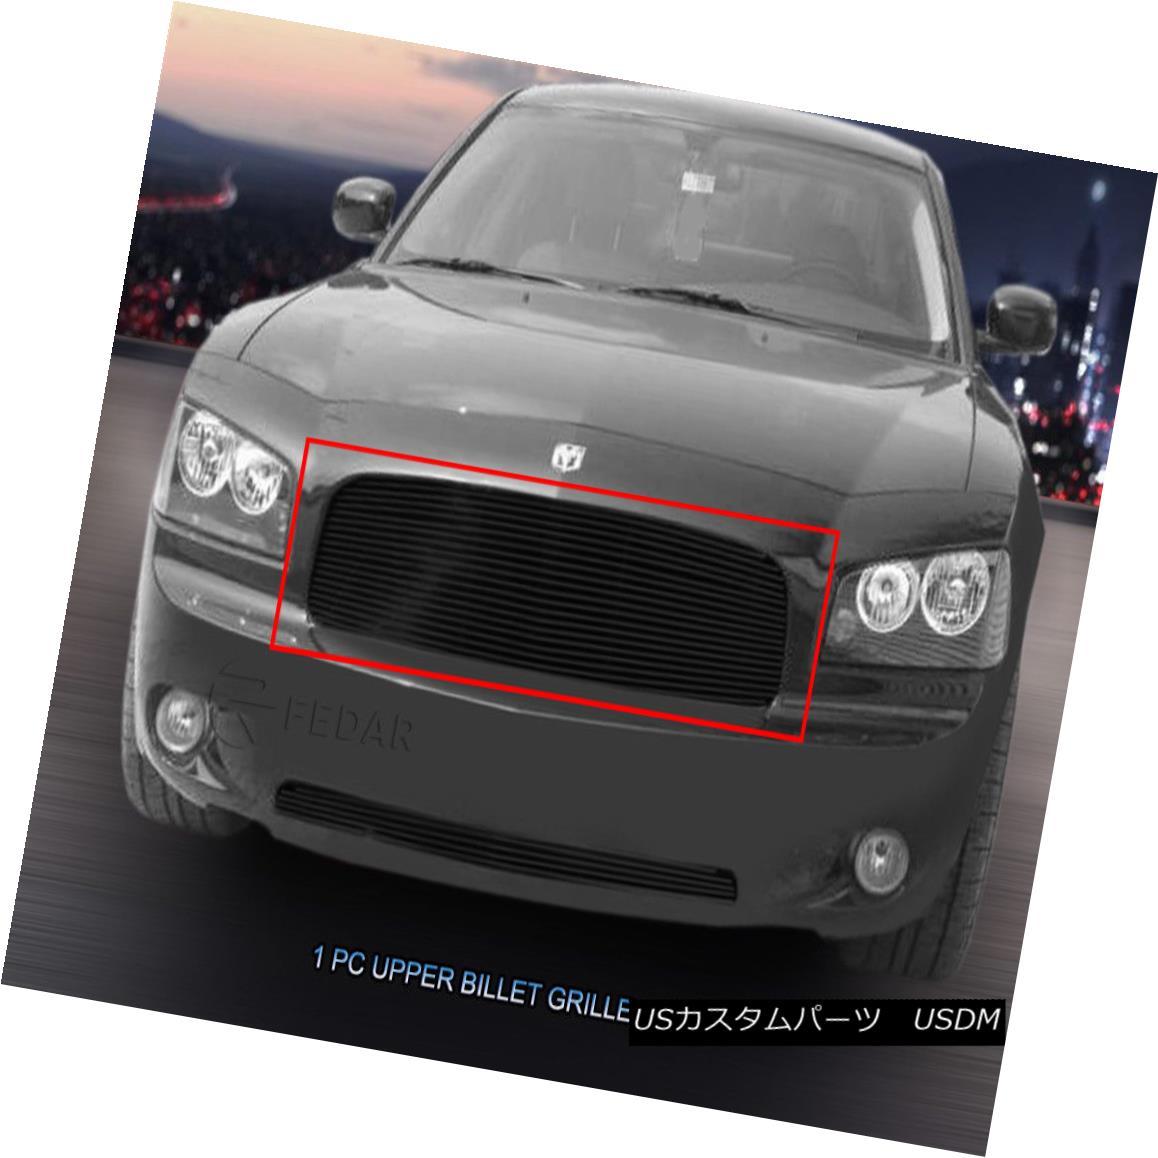 グリル Fedar Fits 2005-2010 Dodge Charger Black Main Upper Billet Grille Fedarは2005-2010年を適合するダッジチャージャー黒メインアッパービルレットグリル